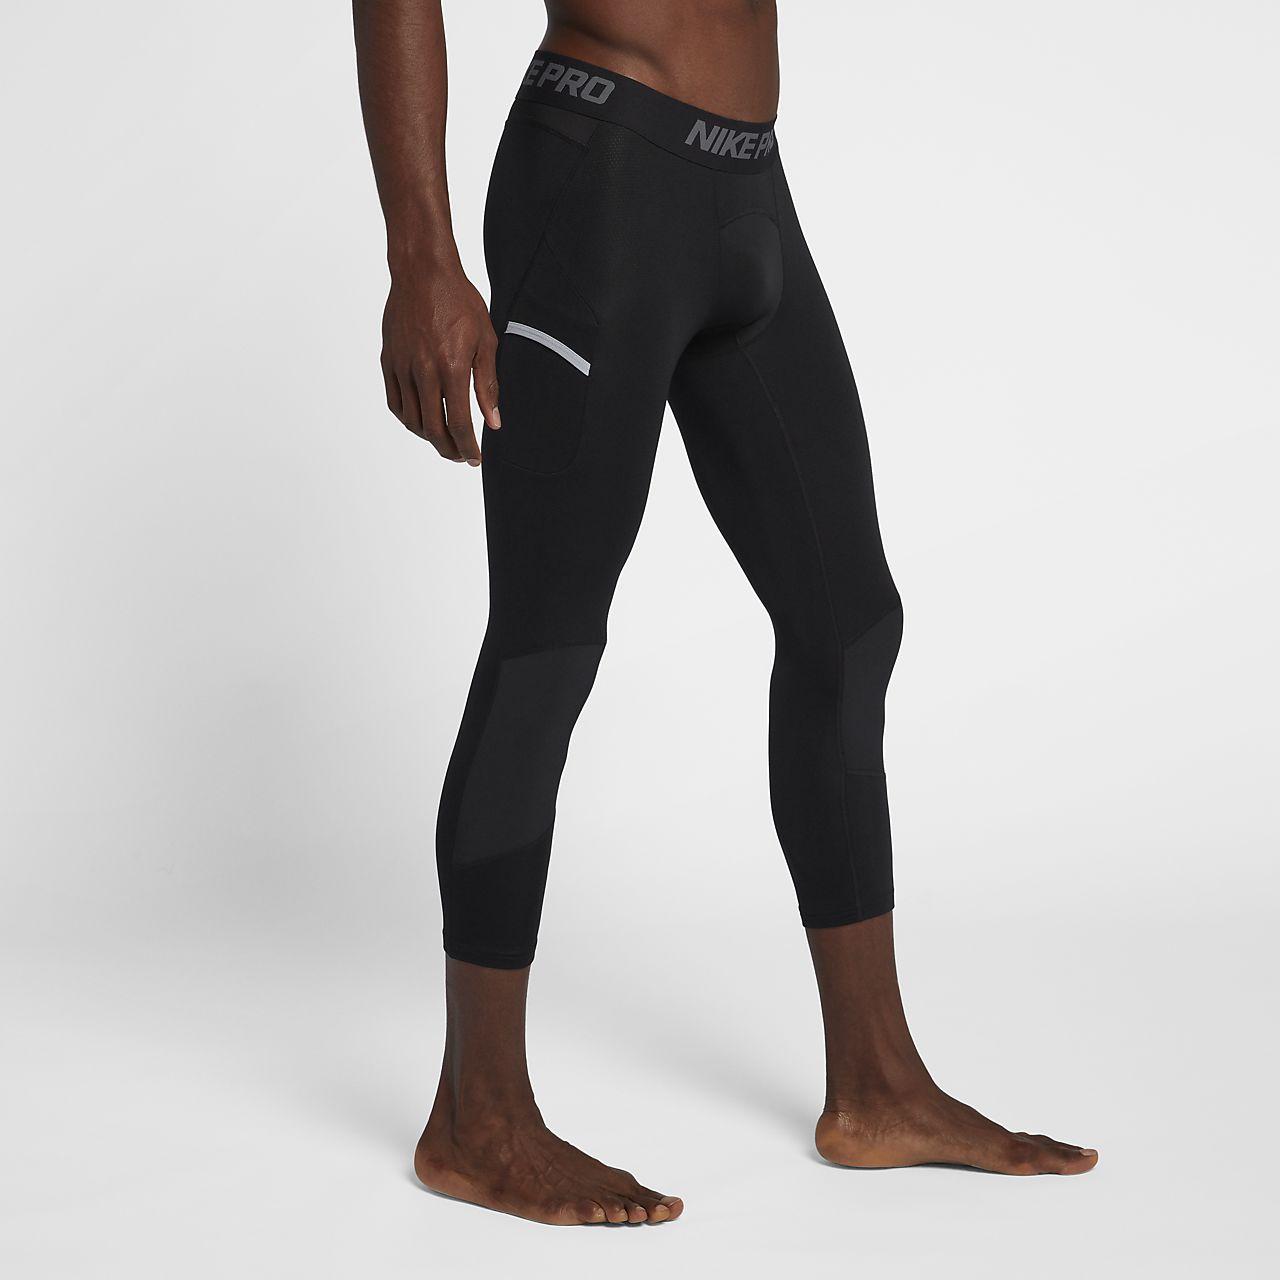 กางเกงรัดรูปบาสเก็ตบอลสามส่วนผู้ชาย Nike Pro Dri-FIT